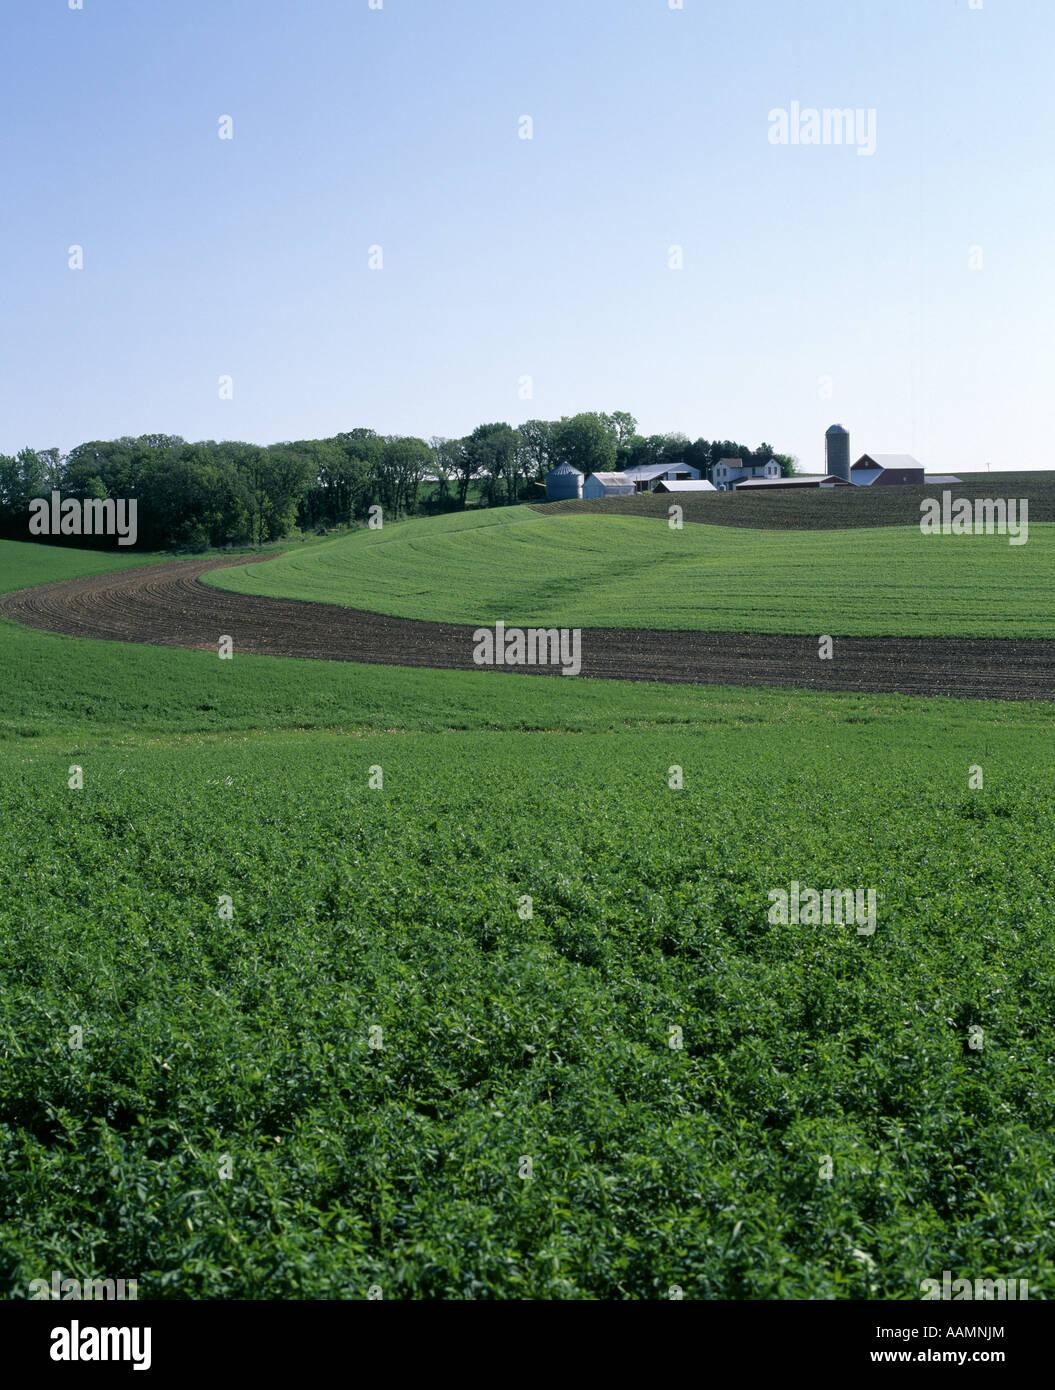 El heno de alfalfa EN PRIMER PLANO CON LAS TIRAS DEL CONTORNO que fluye suavemente el maíz plantado en el centro Imagen De Stock